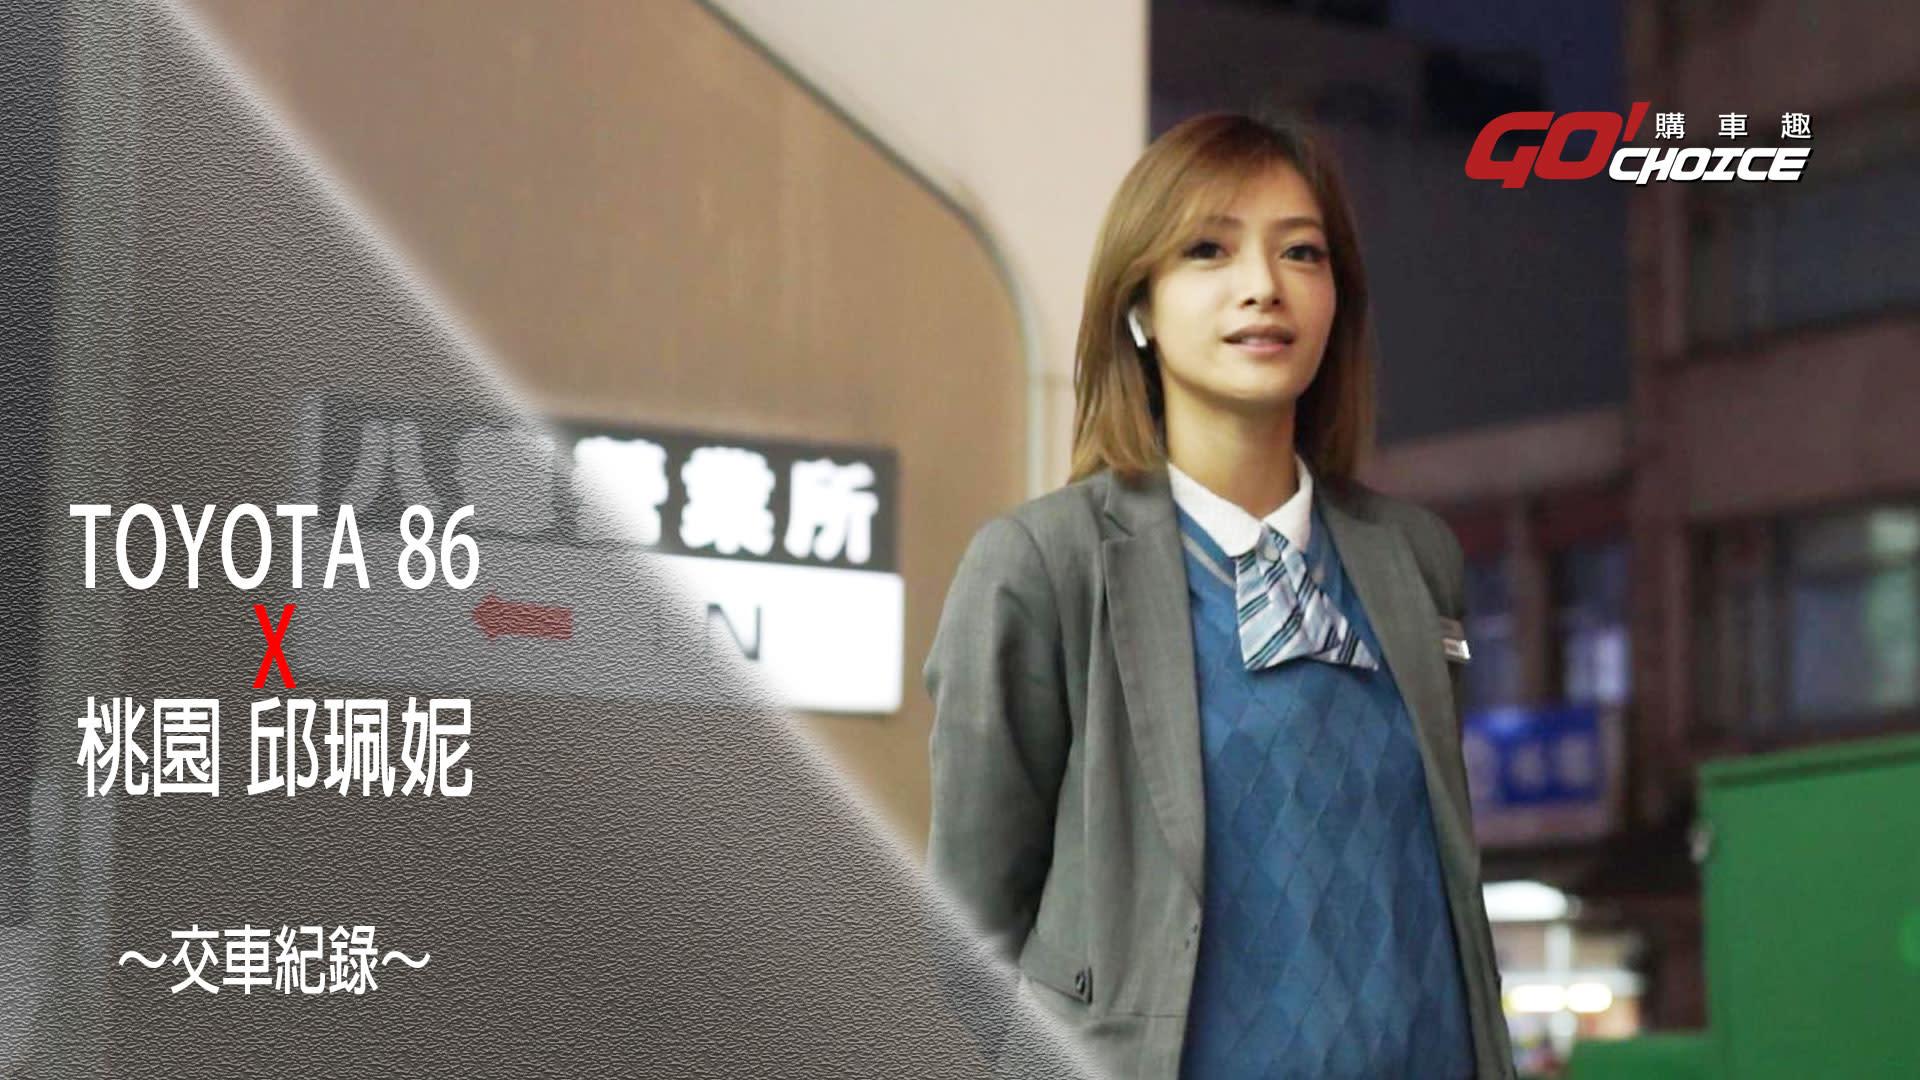 交車紀錄影片_TOYOTA 86~桃園八德所 銷售顧問-邱珮妮